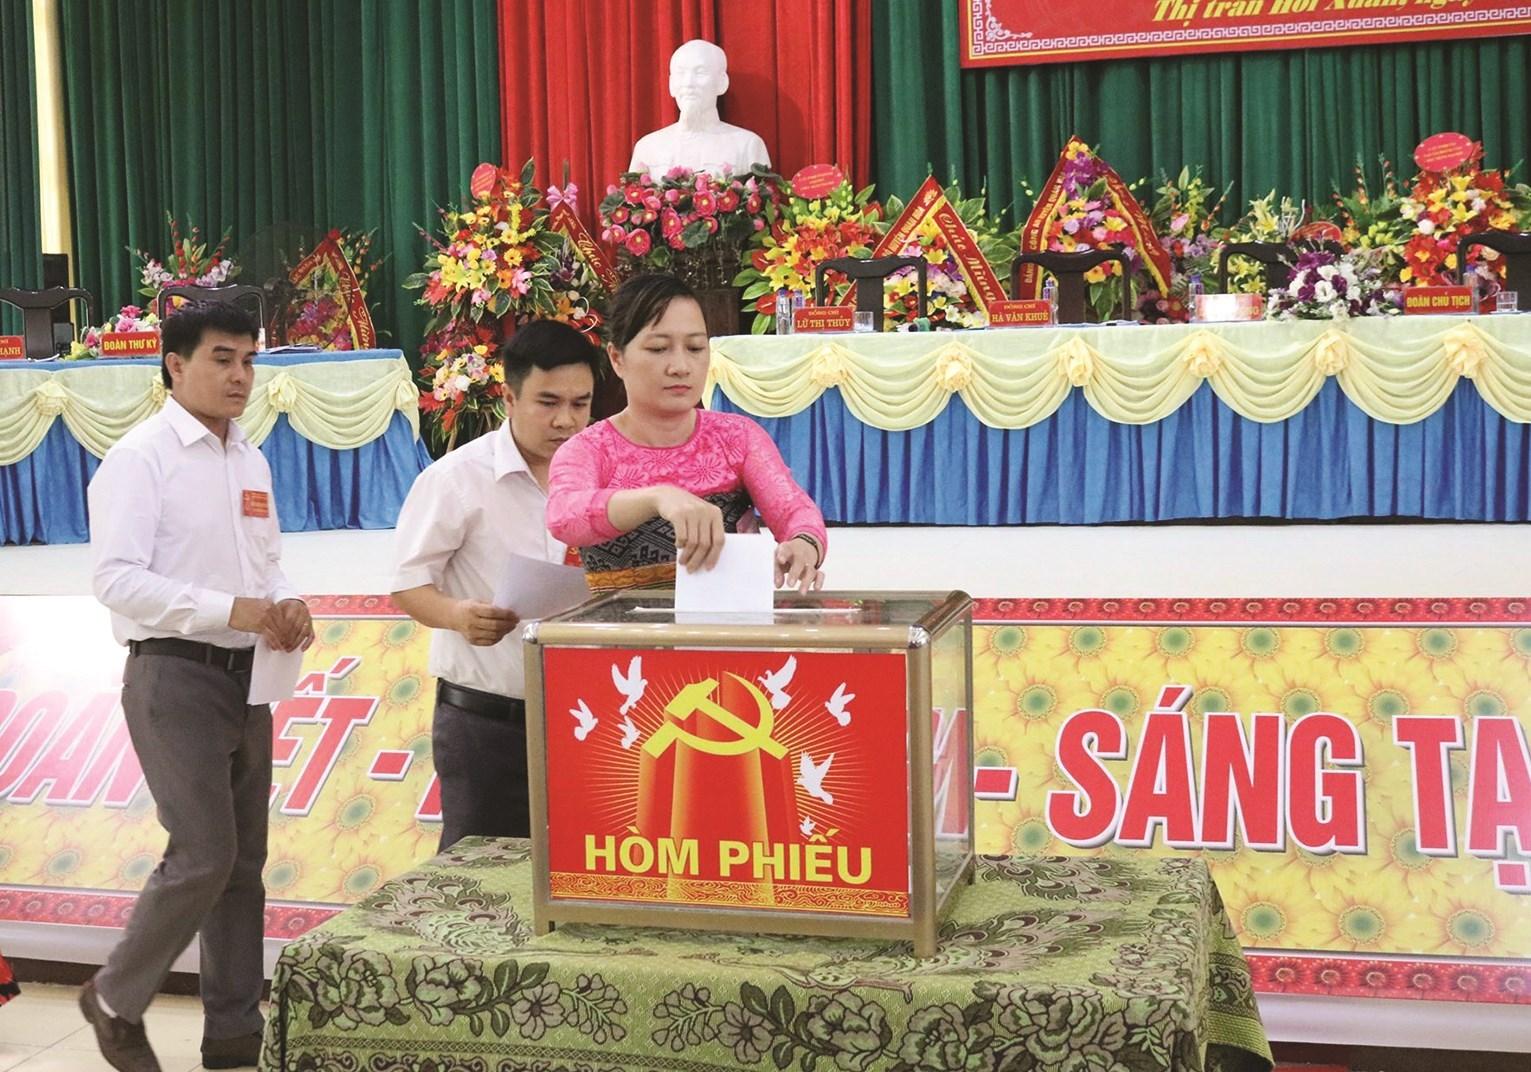 Thị trấn Hồi Xuân, huyện Quan Hóa tổ chức thành công Đại hội cấp cơ sở nhiệm kỳ 2020 - 2025